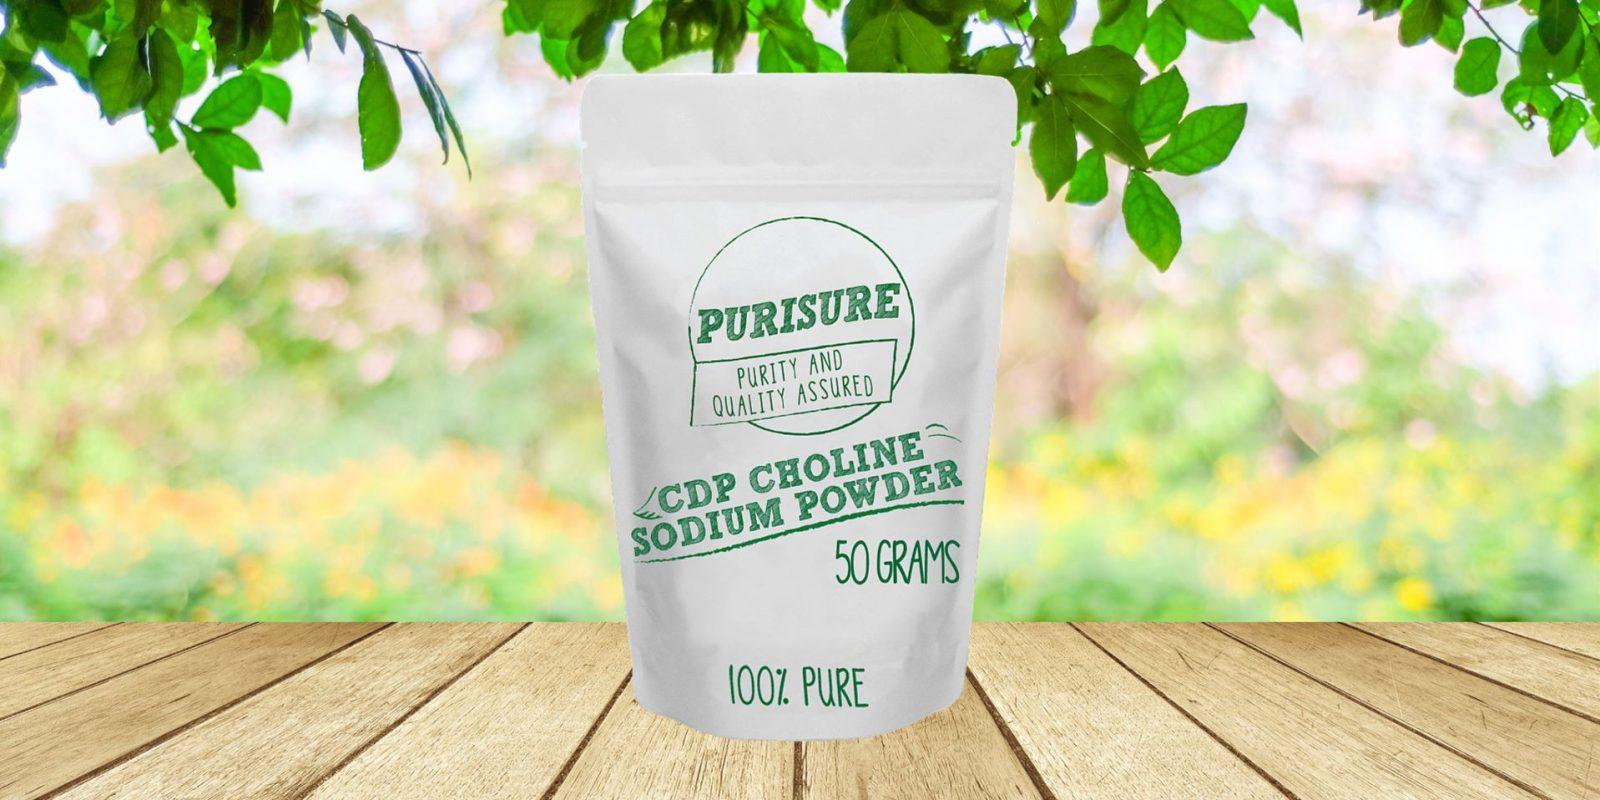 Purisure CDP Choline Powder (Citicoline Sodium)